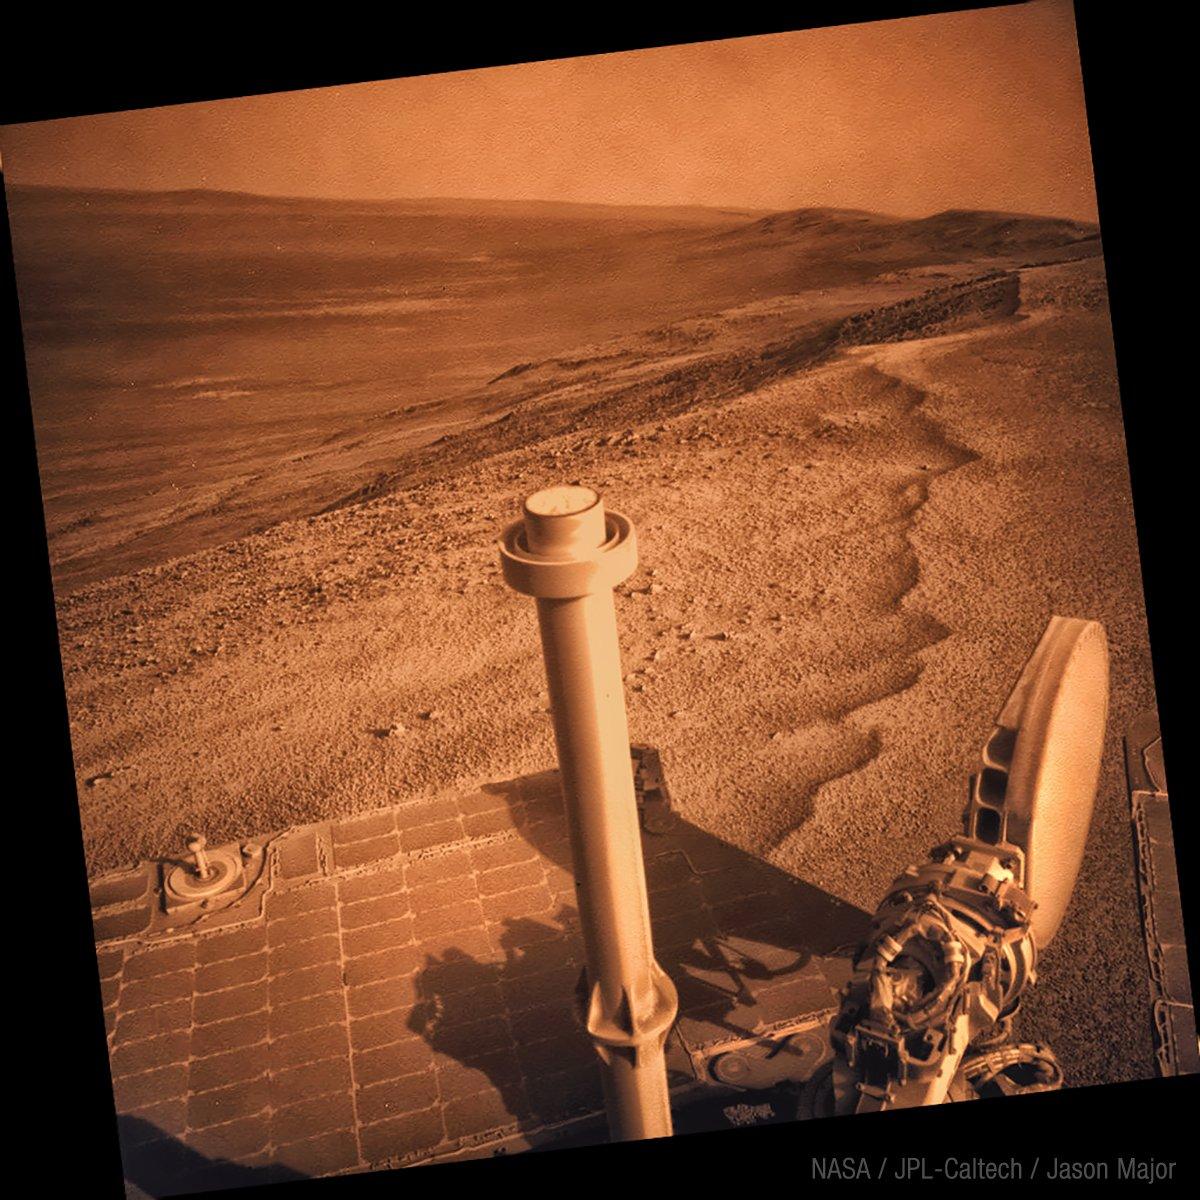 nasa-rover-dust-storm-3